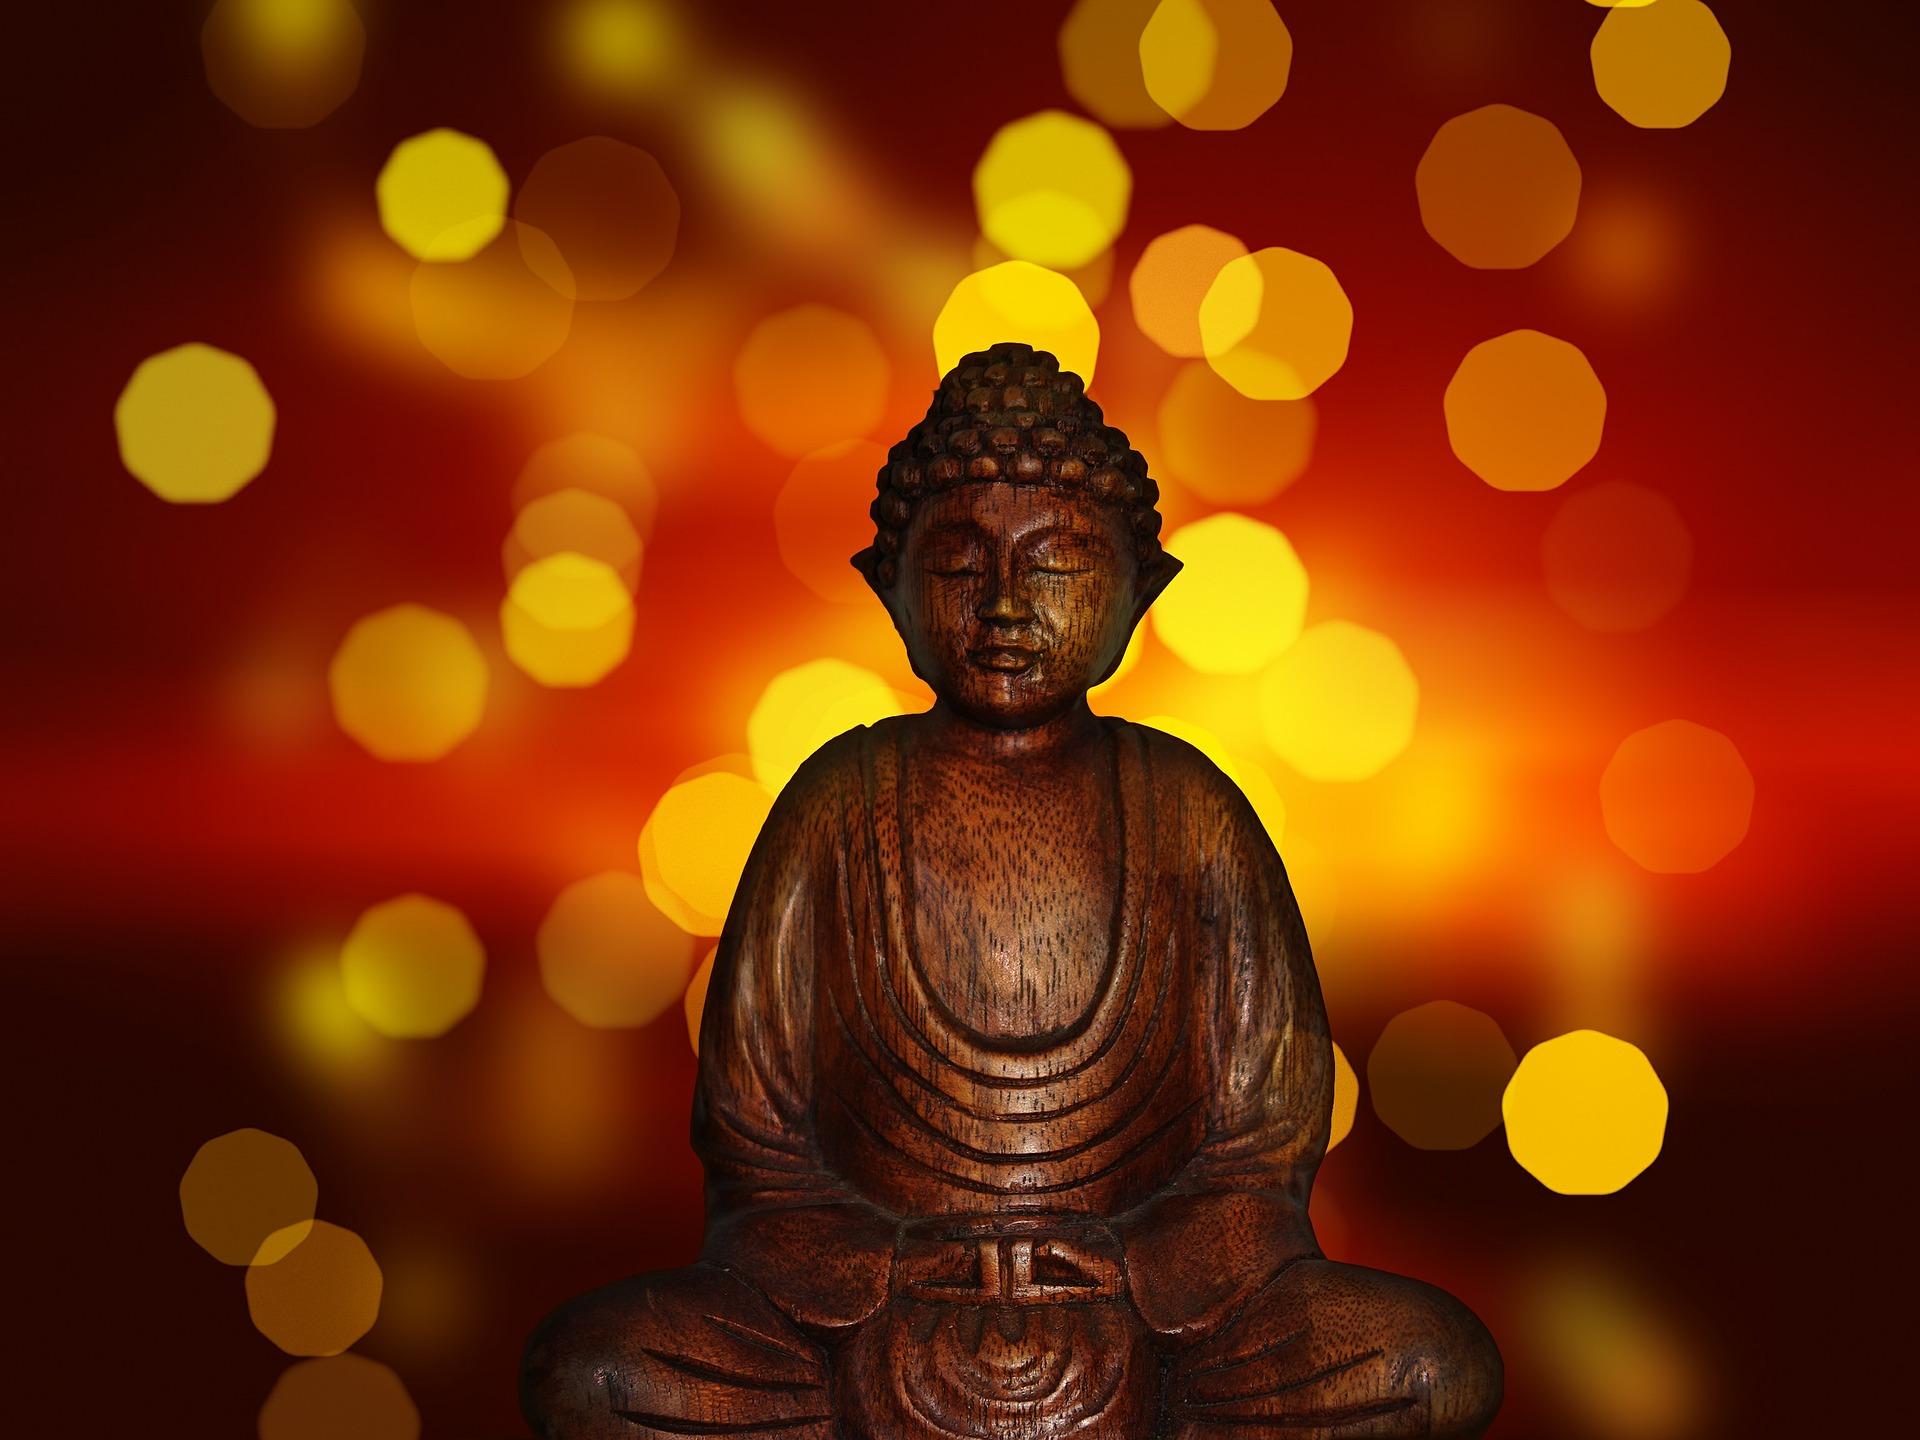 schweigen und meditieren